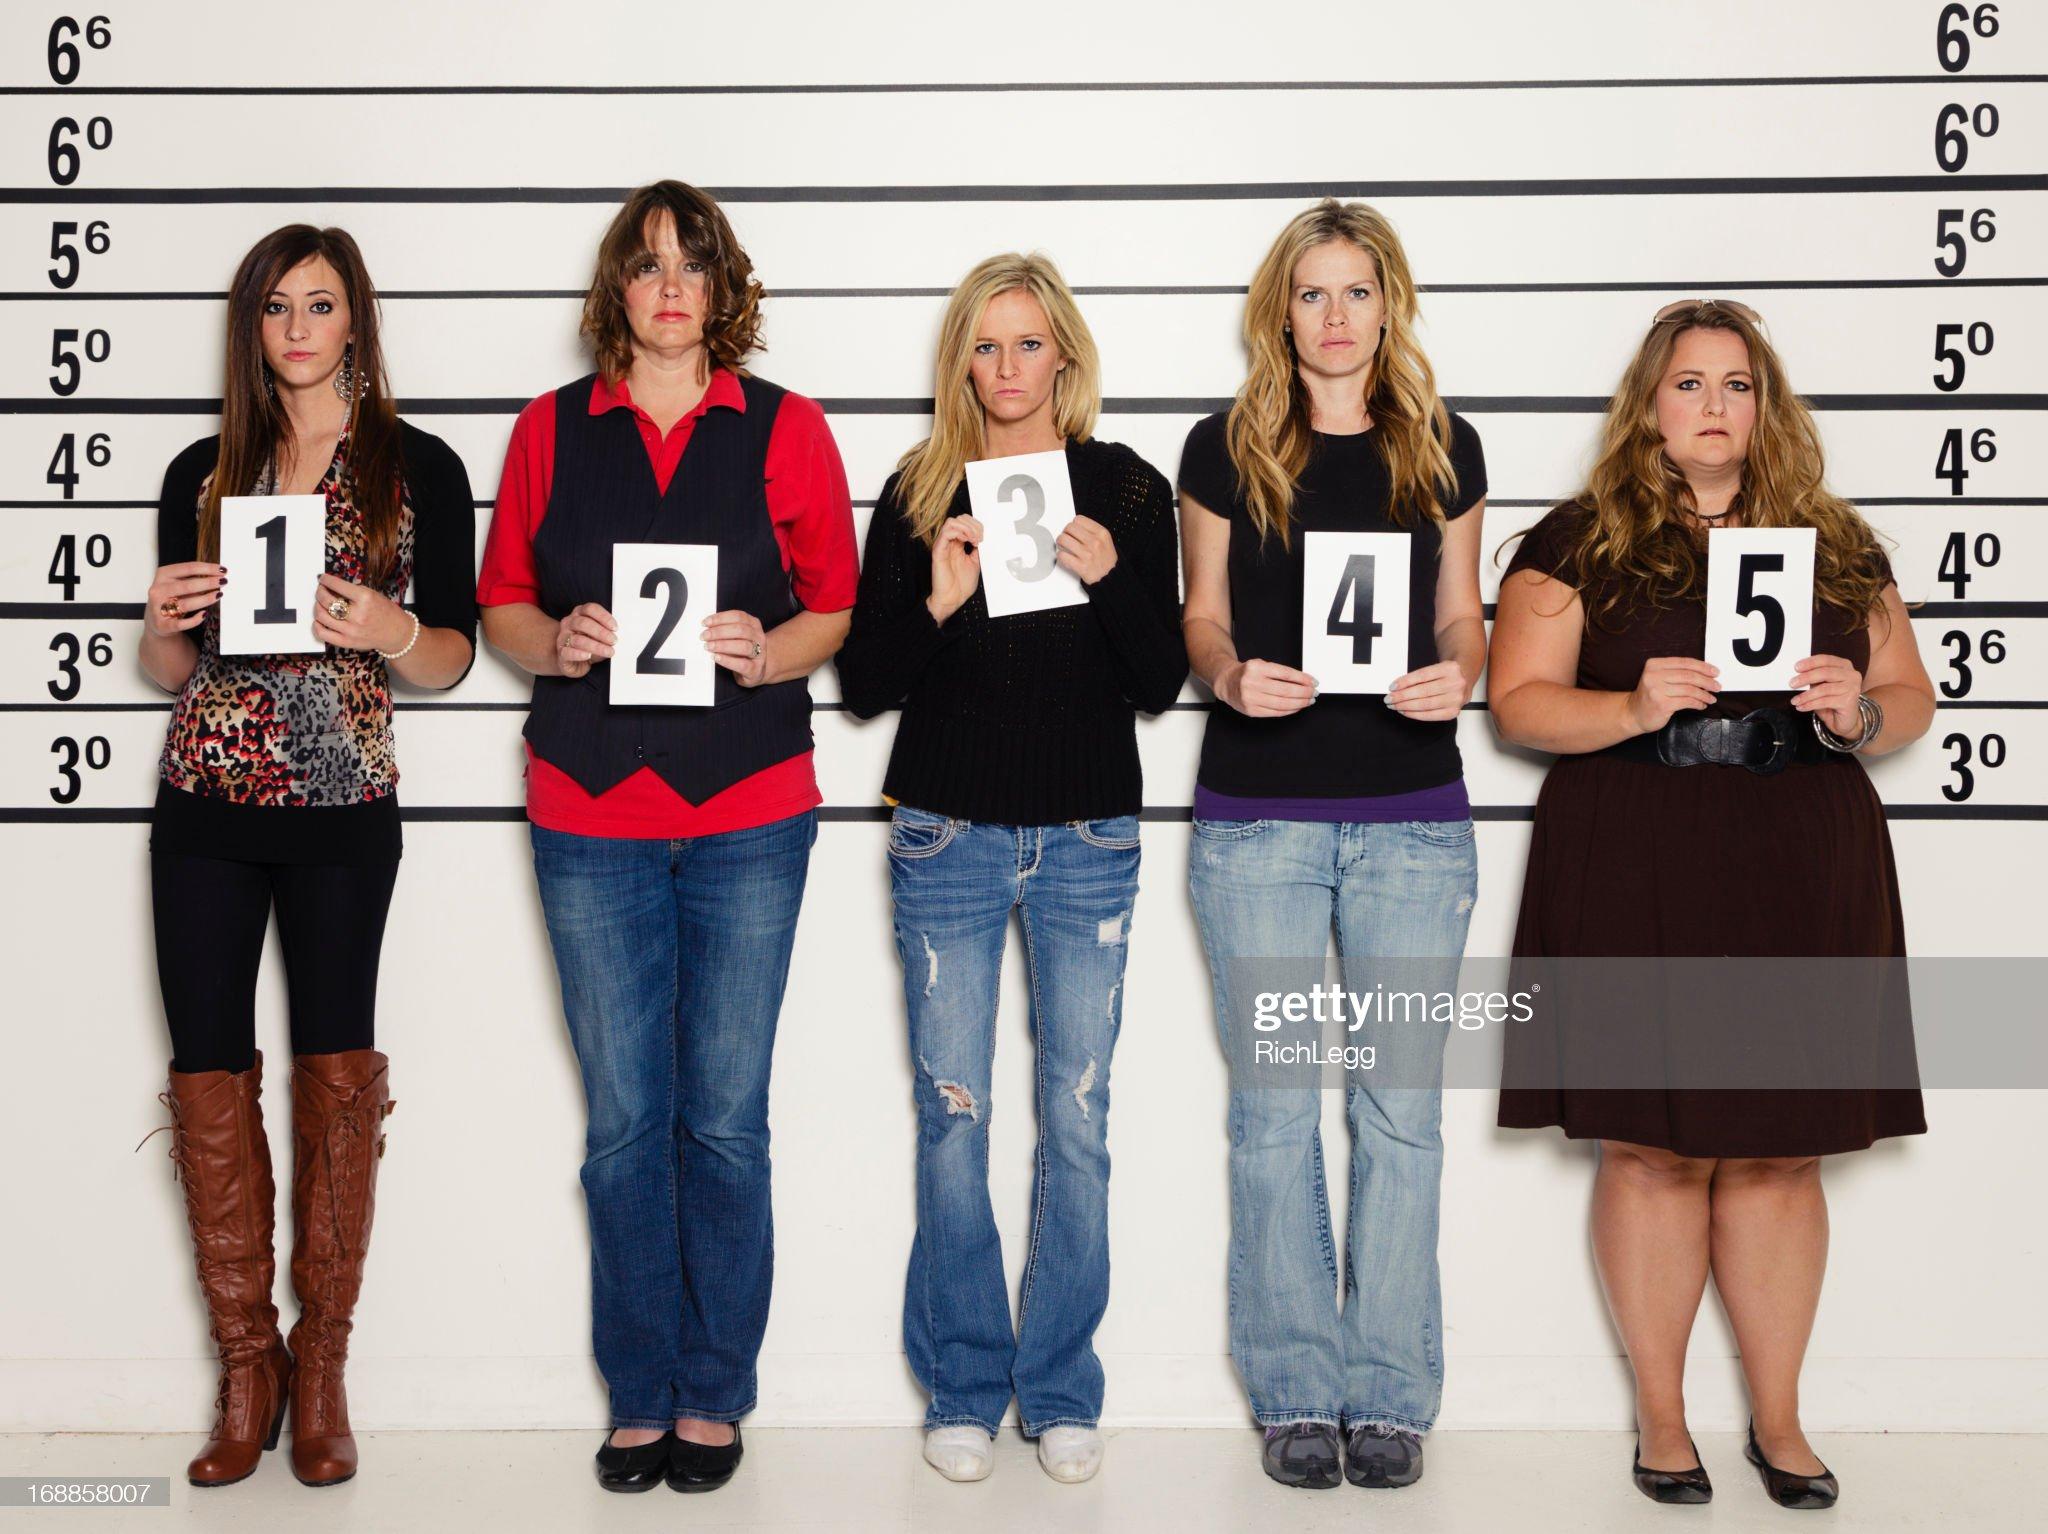 Gente midiéndose en vídeo y foto - Página 2 Women-in-a-police-lineup-picture-id168858007?s=2048x2048